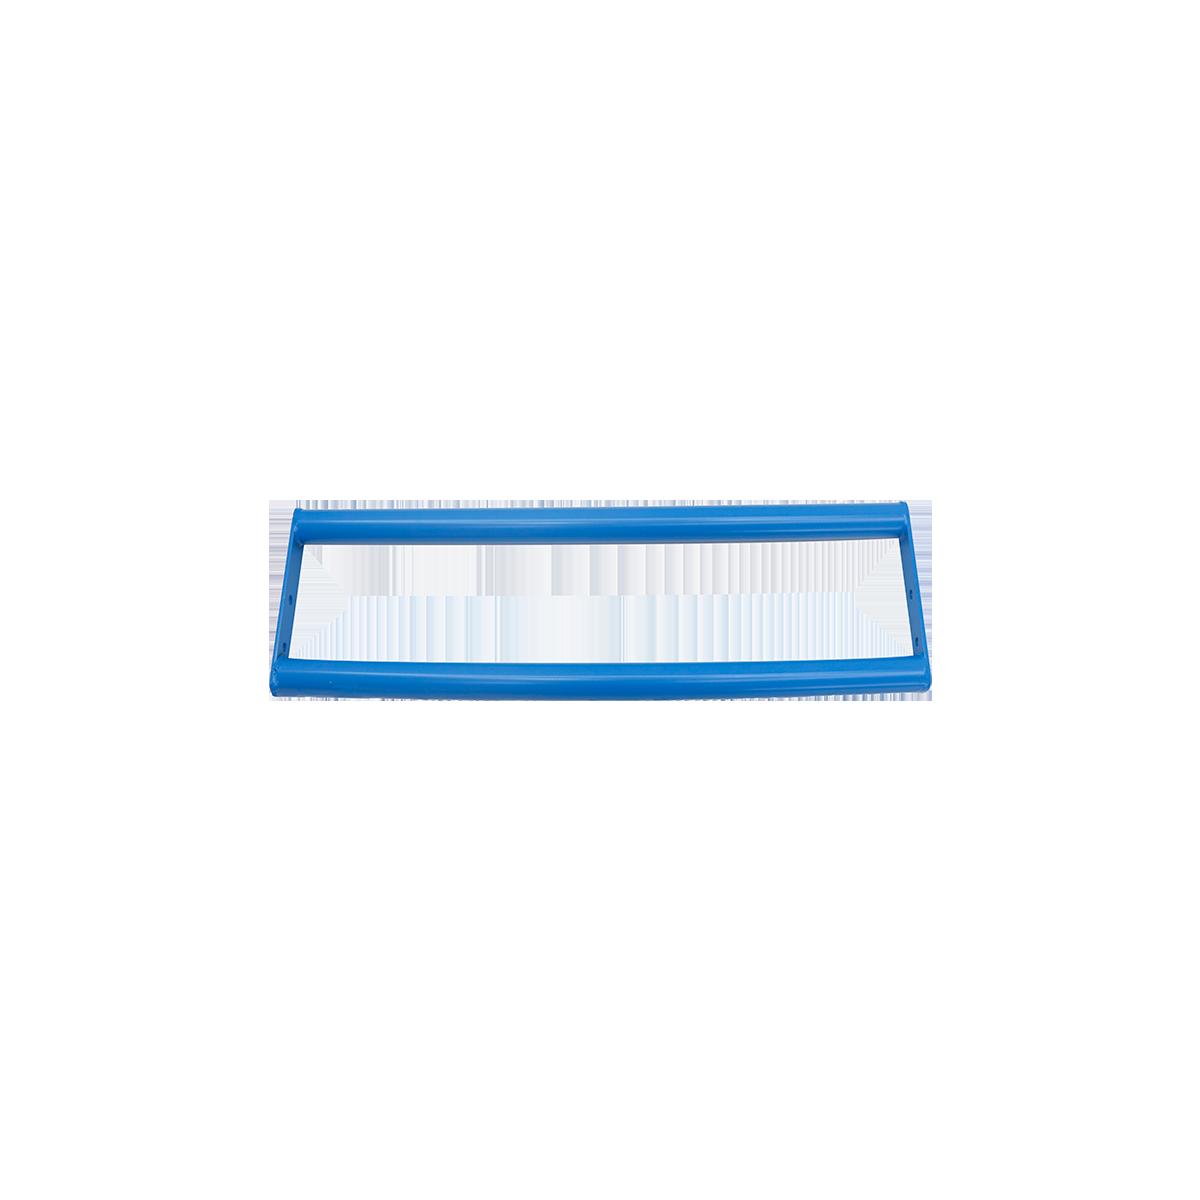 ΒΑΣΗ-ΑΠΟΘΗΚΕΥΣΗΣ-ΑΞΕΣΟΥΑΡ-53cm_HEGREN.png